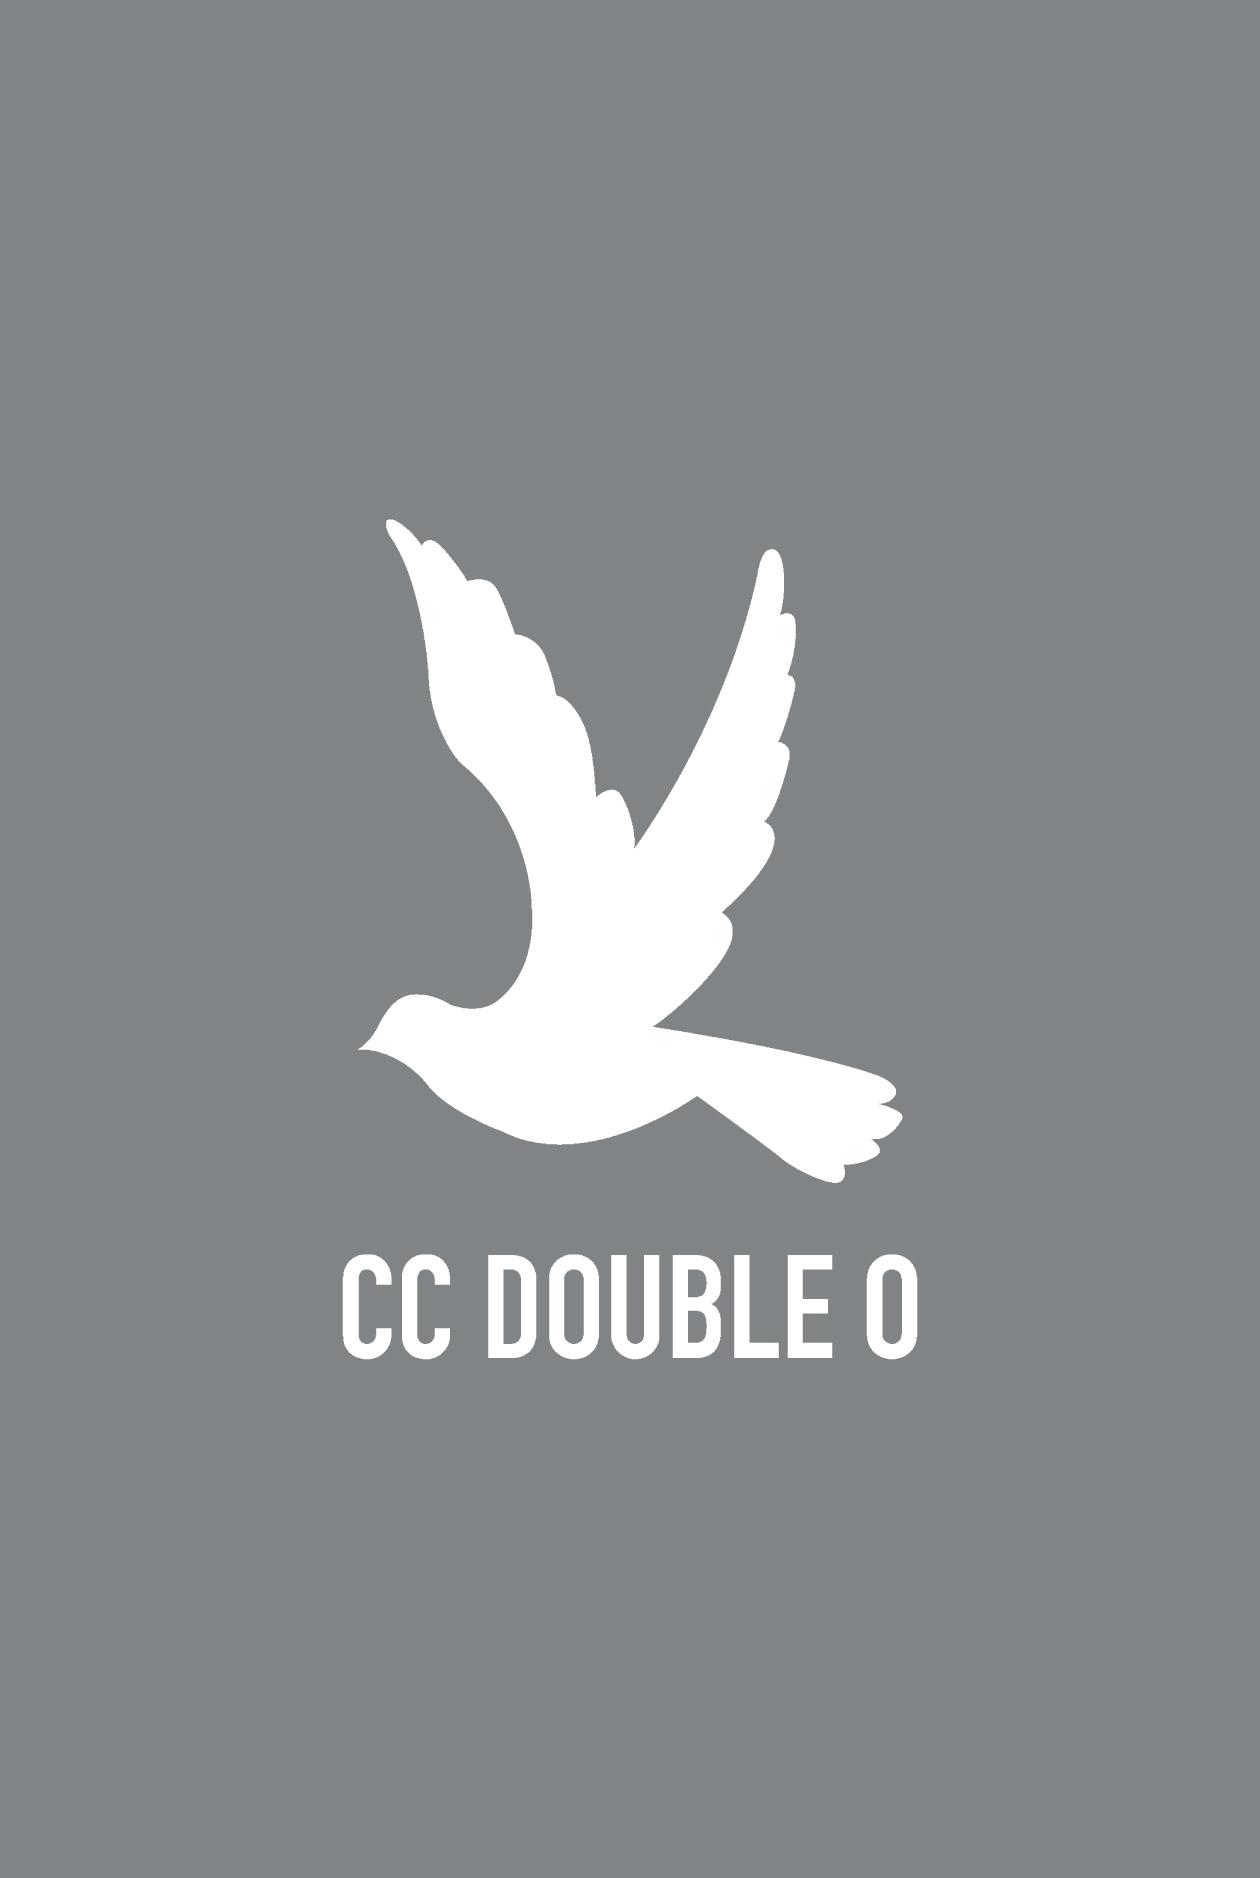 CC DOUBLE O Tartan Logo Tee